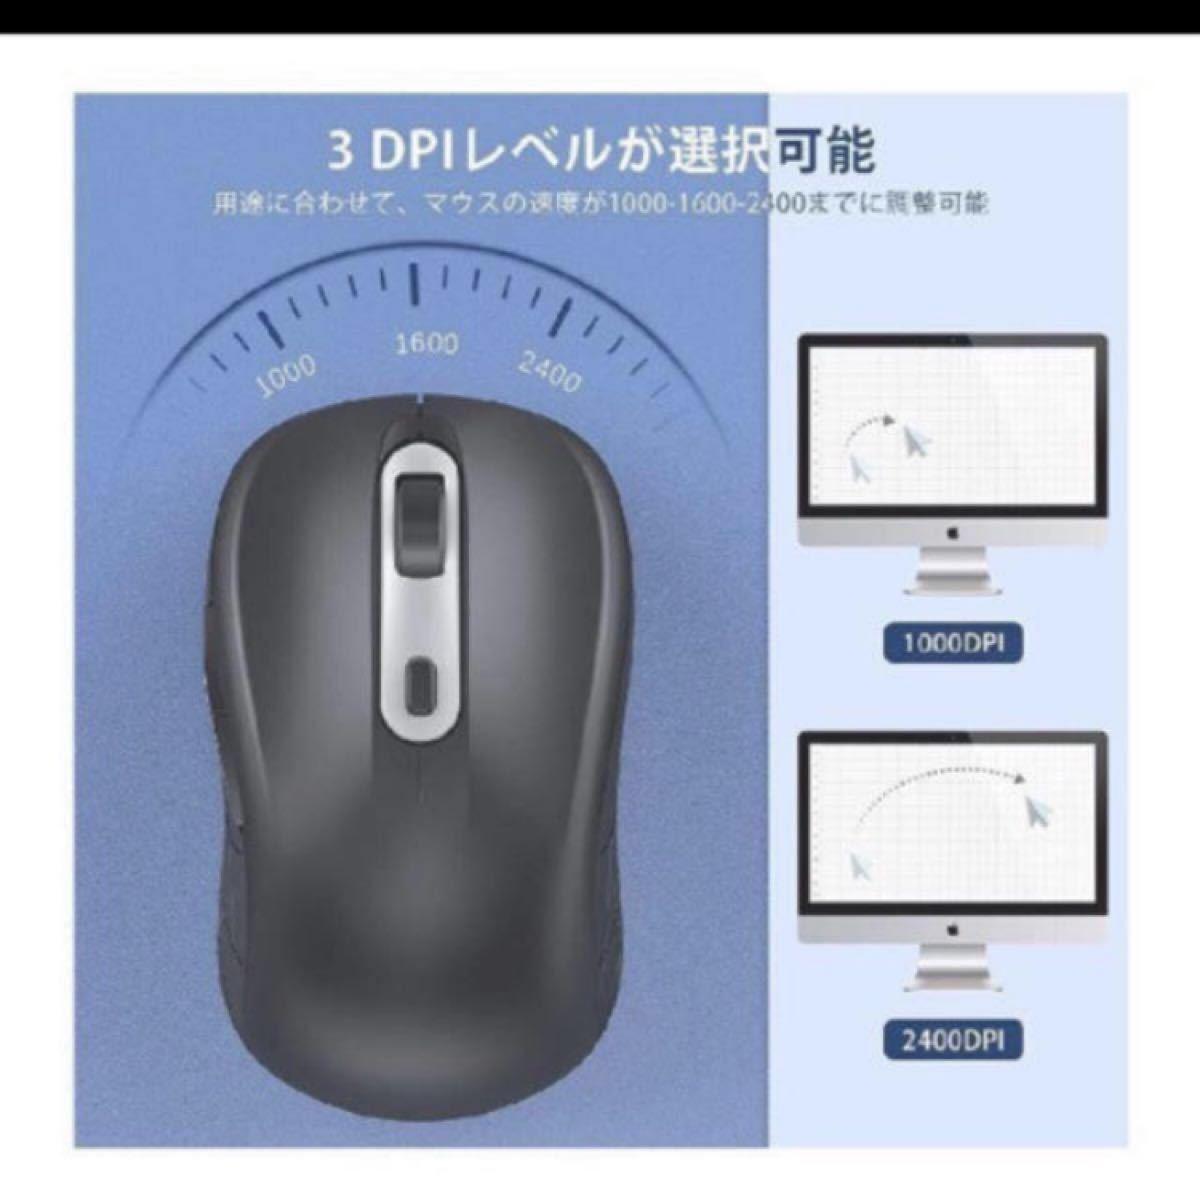 ワイヤレスマウス 静音 type-C マウス/USB 二つ接続方式高精度